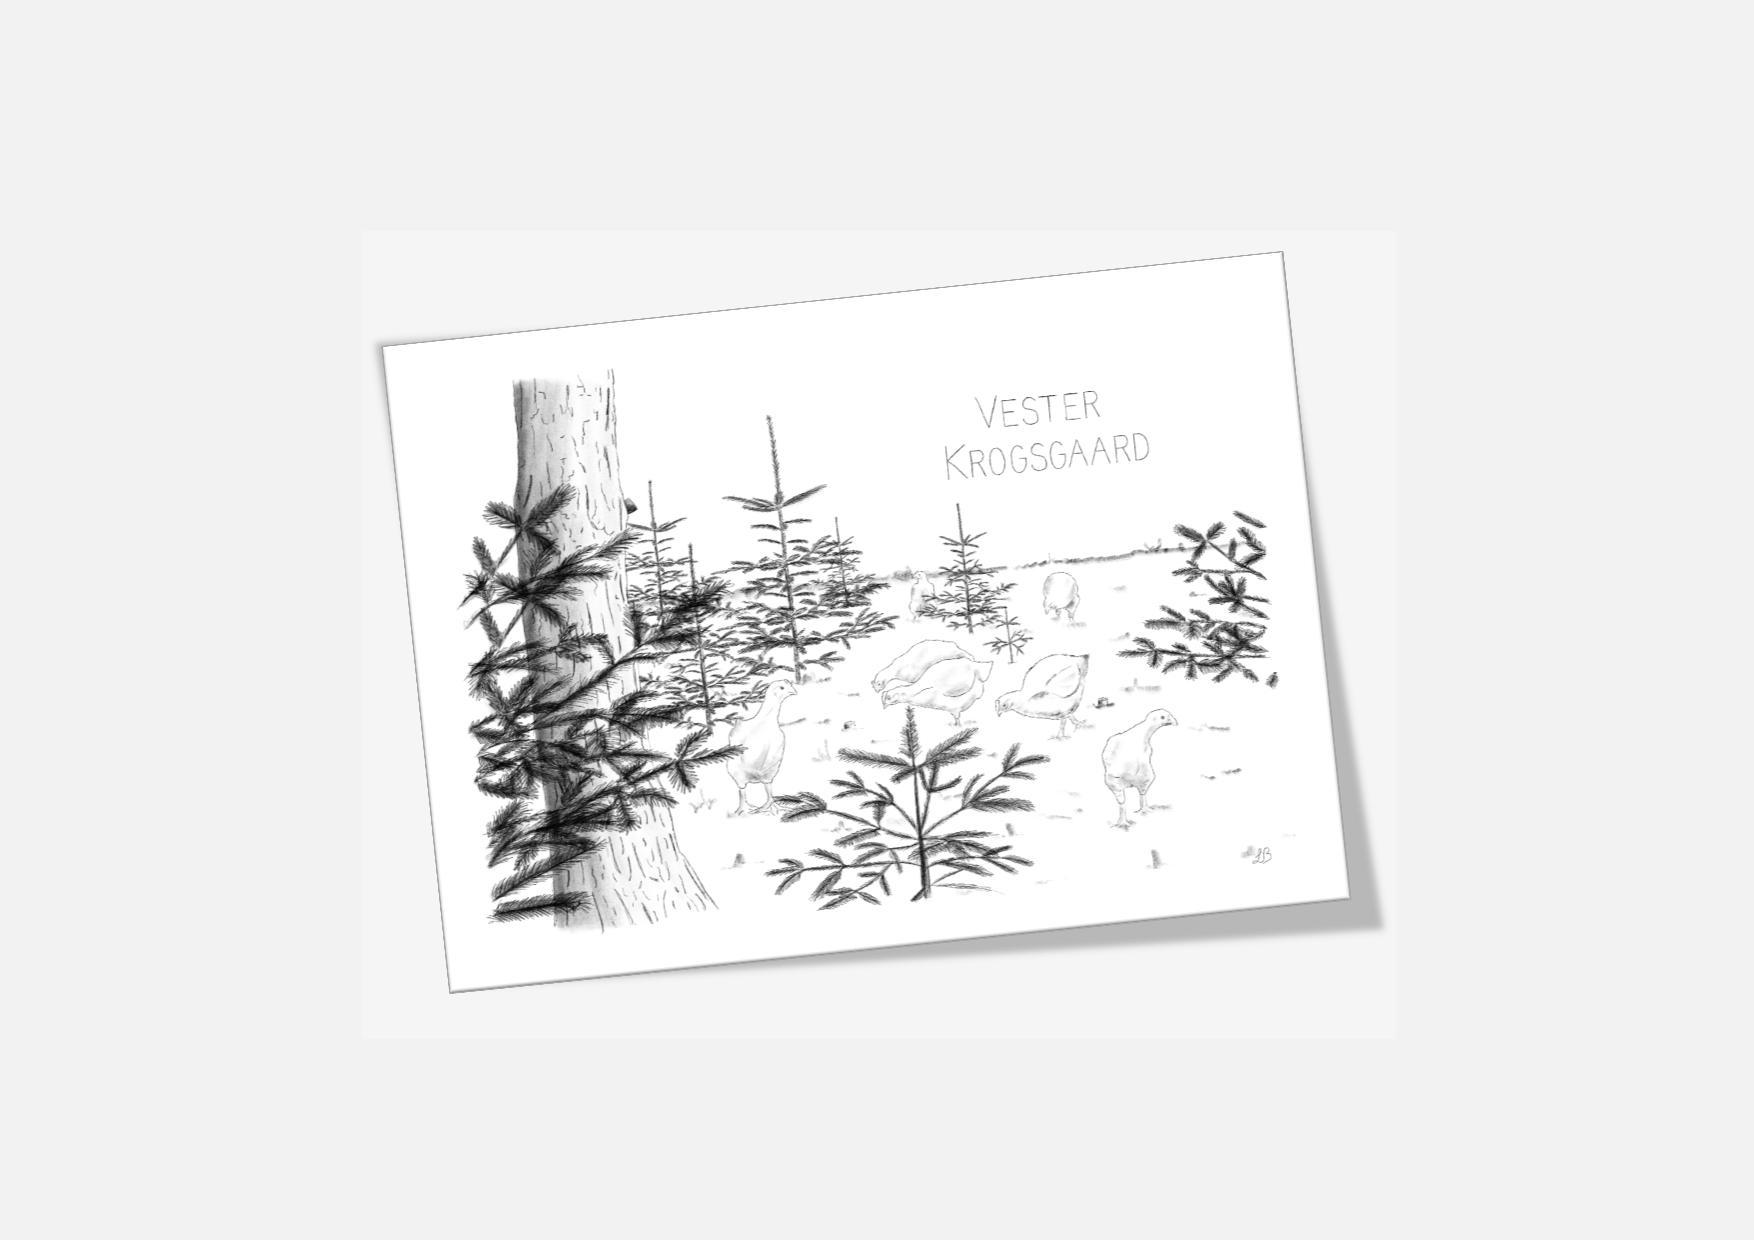 Varebillede Vester Krogsgaard kort - håndtegnet af Kreative Lise